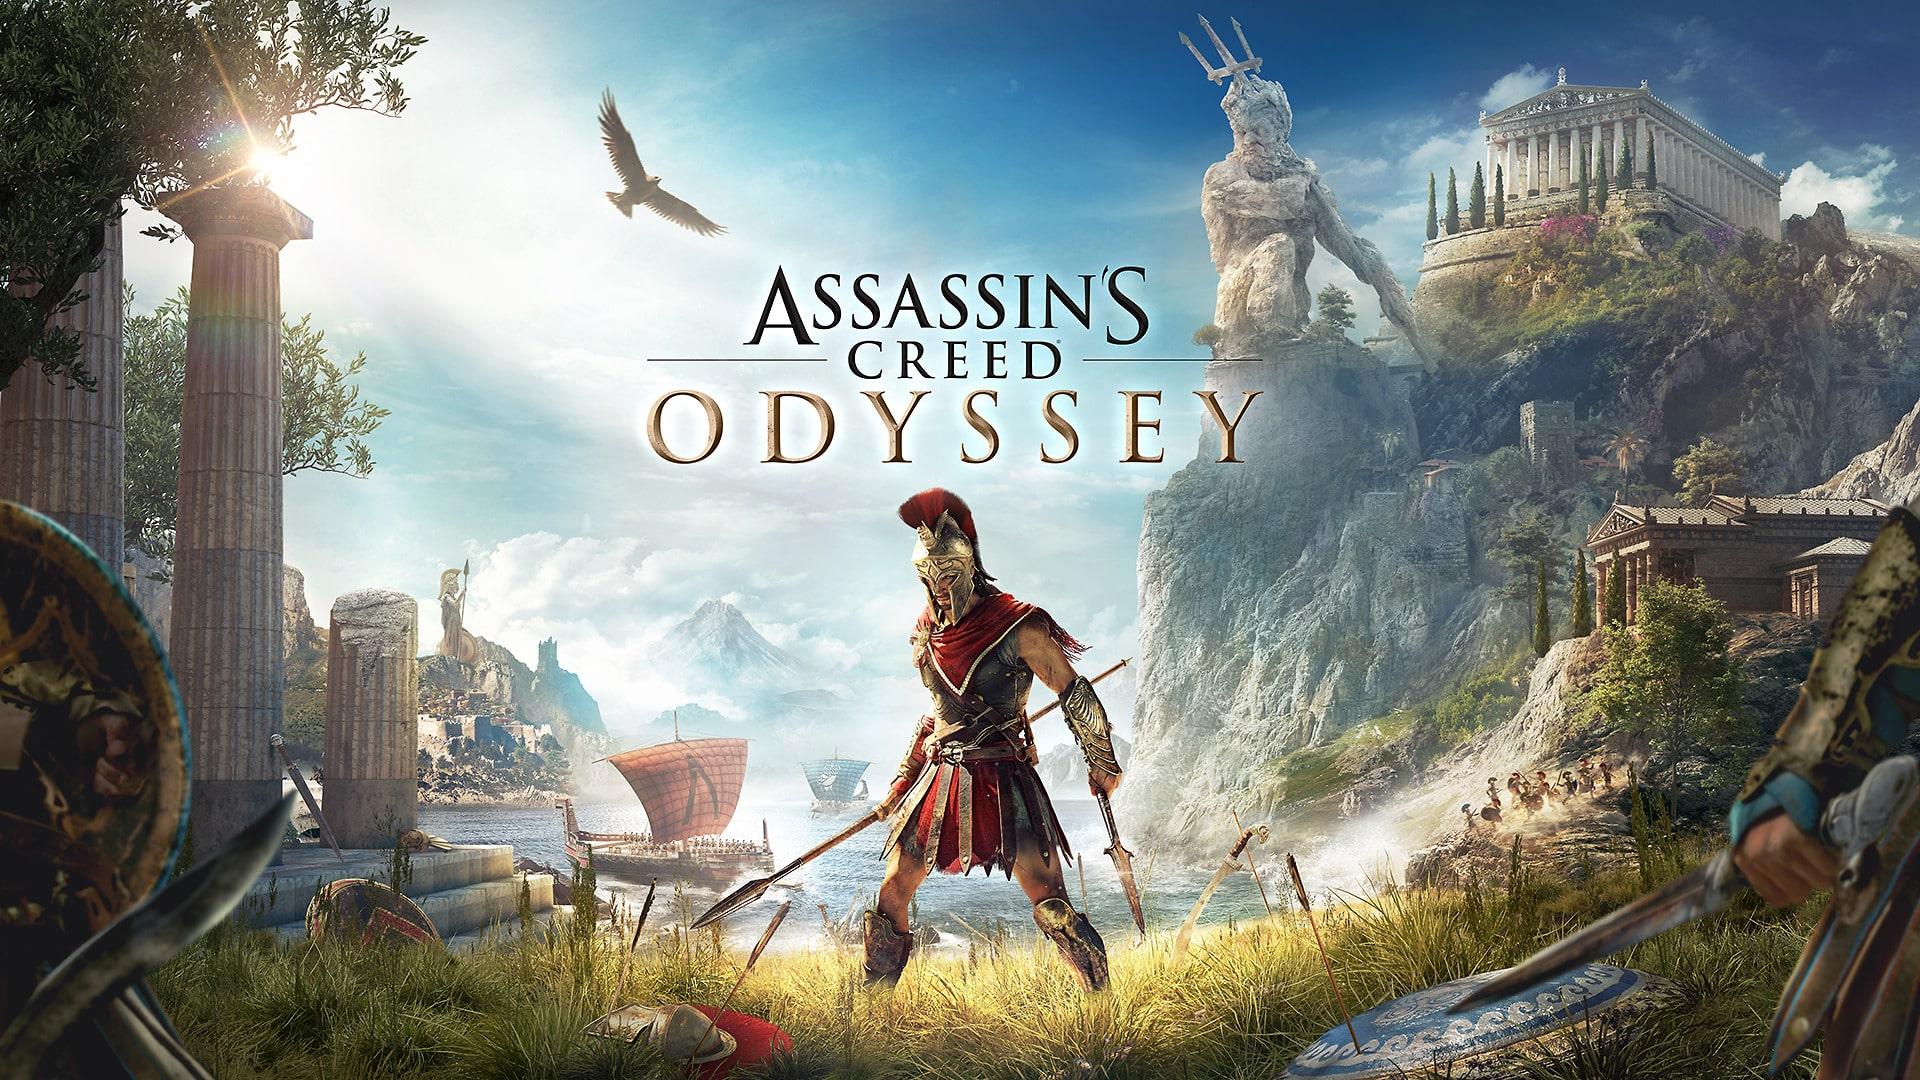 Hình nền PC 4k game đẹp nhất - Assassin's Creed Odyssey